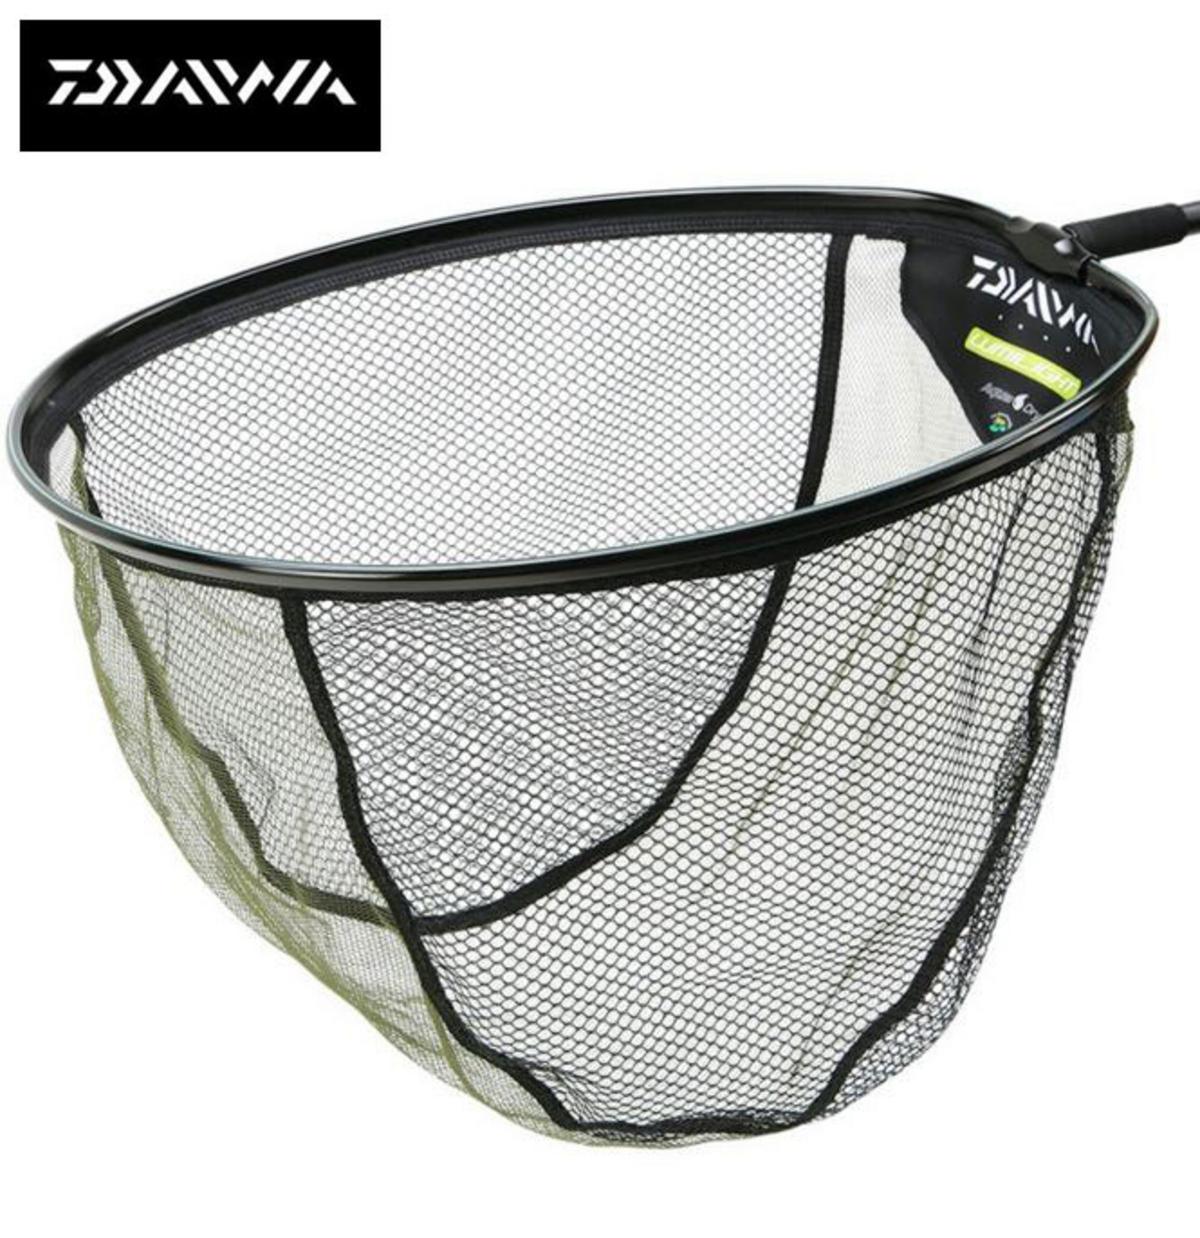 New Daiwa LUMILIGHT Aquadry Landing Net Head- All Sizes Available